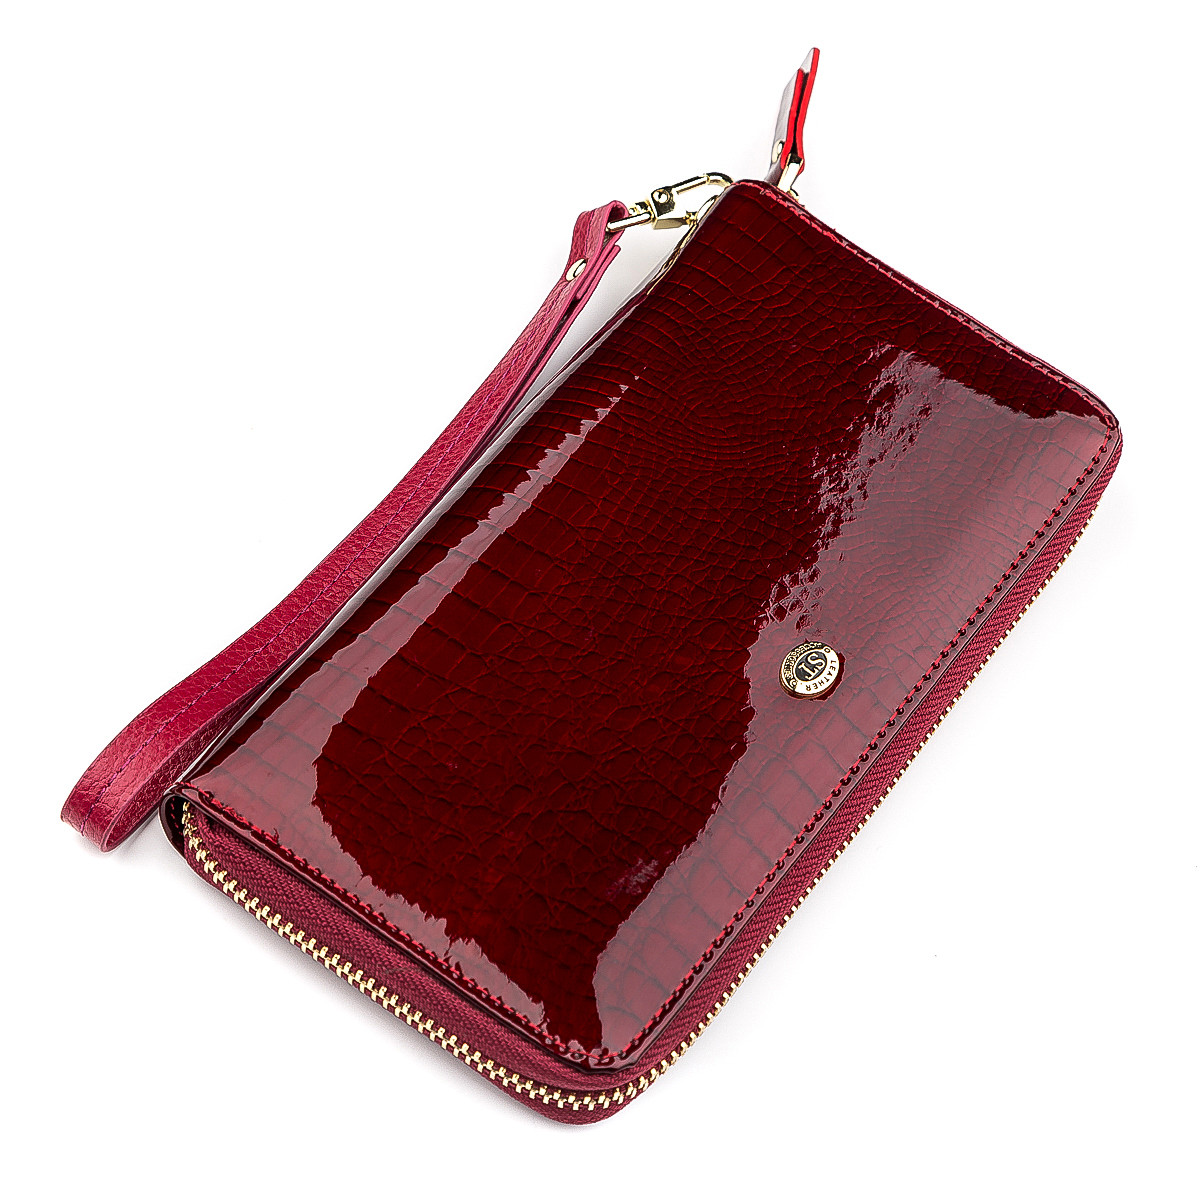 Кошелек женский ST Leather 18400 (S4001A) кожаный Бордовый